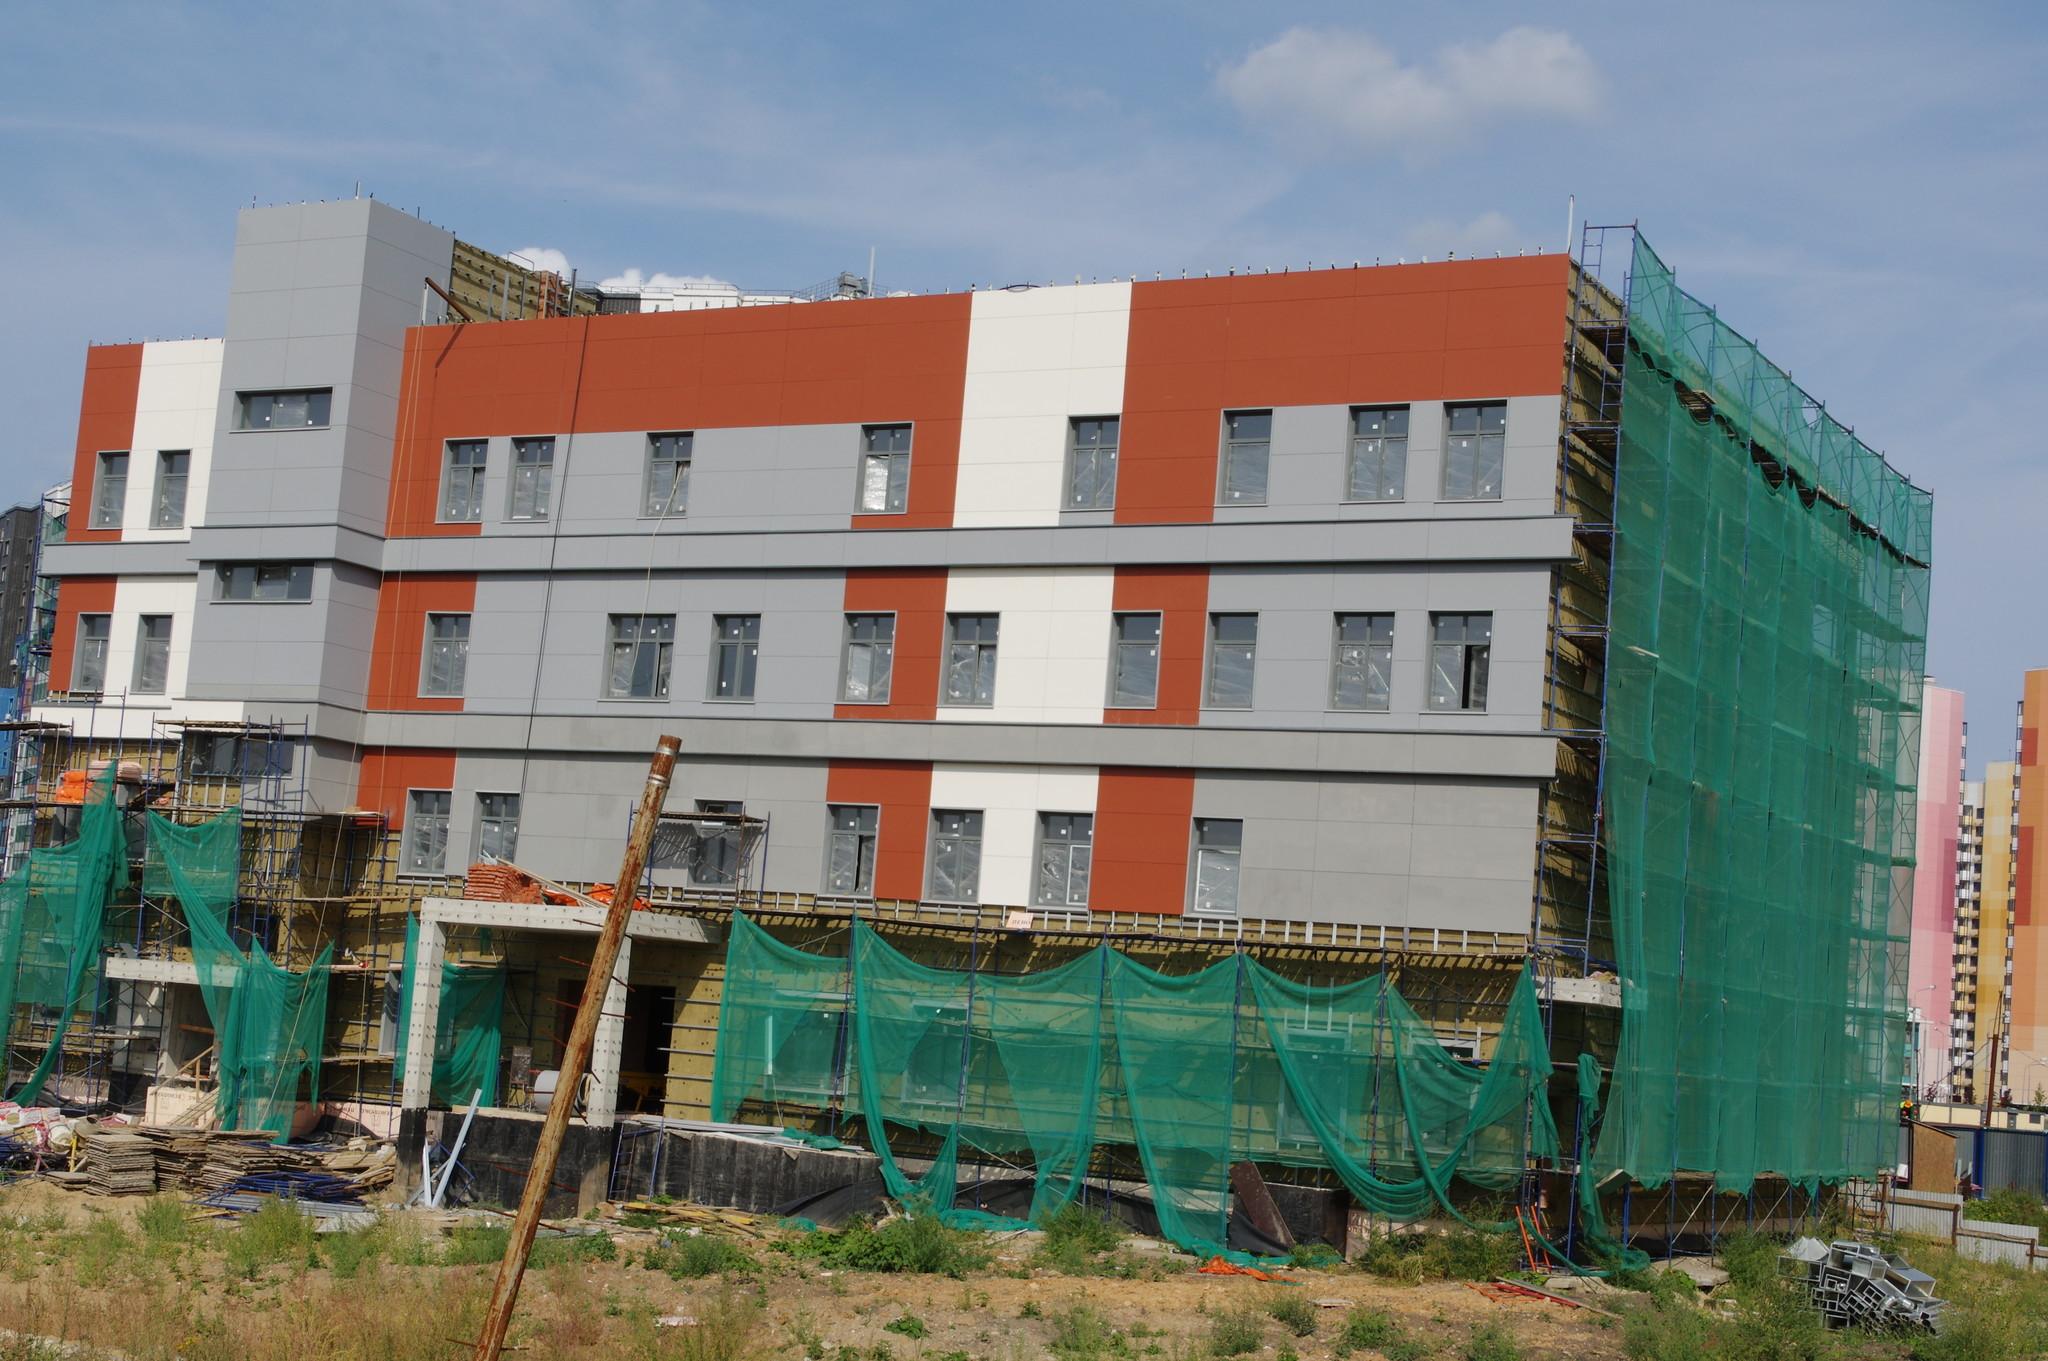 Строительство здания для размещения Управления социальной защиты населения и Центра социального обслуживания района Северный (Дмитровском шоссе, владение 167)